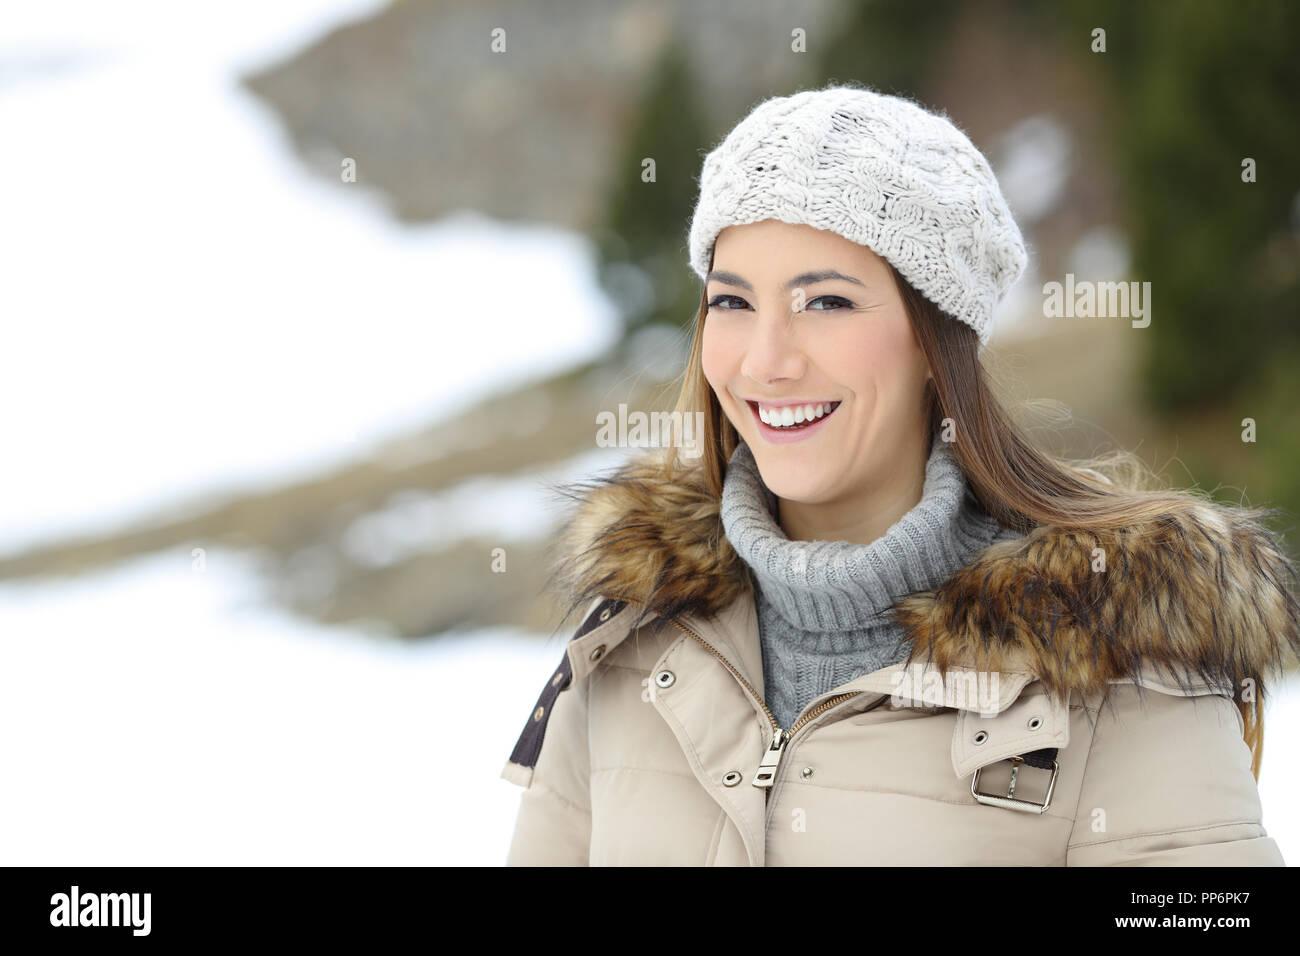 Gerne Frau posiert an der Kamera auf Winterurlaub in die schneebedeckten Berge Stockfoto